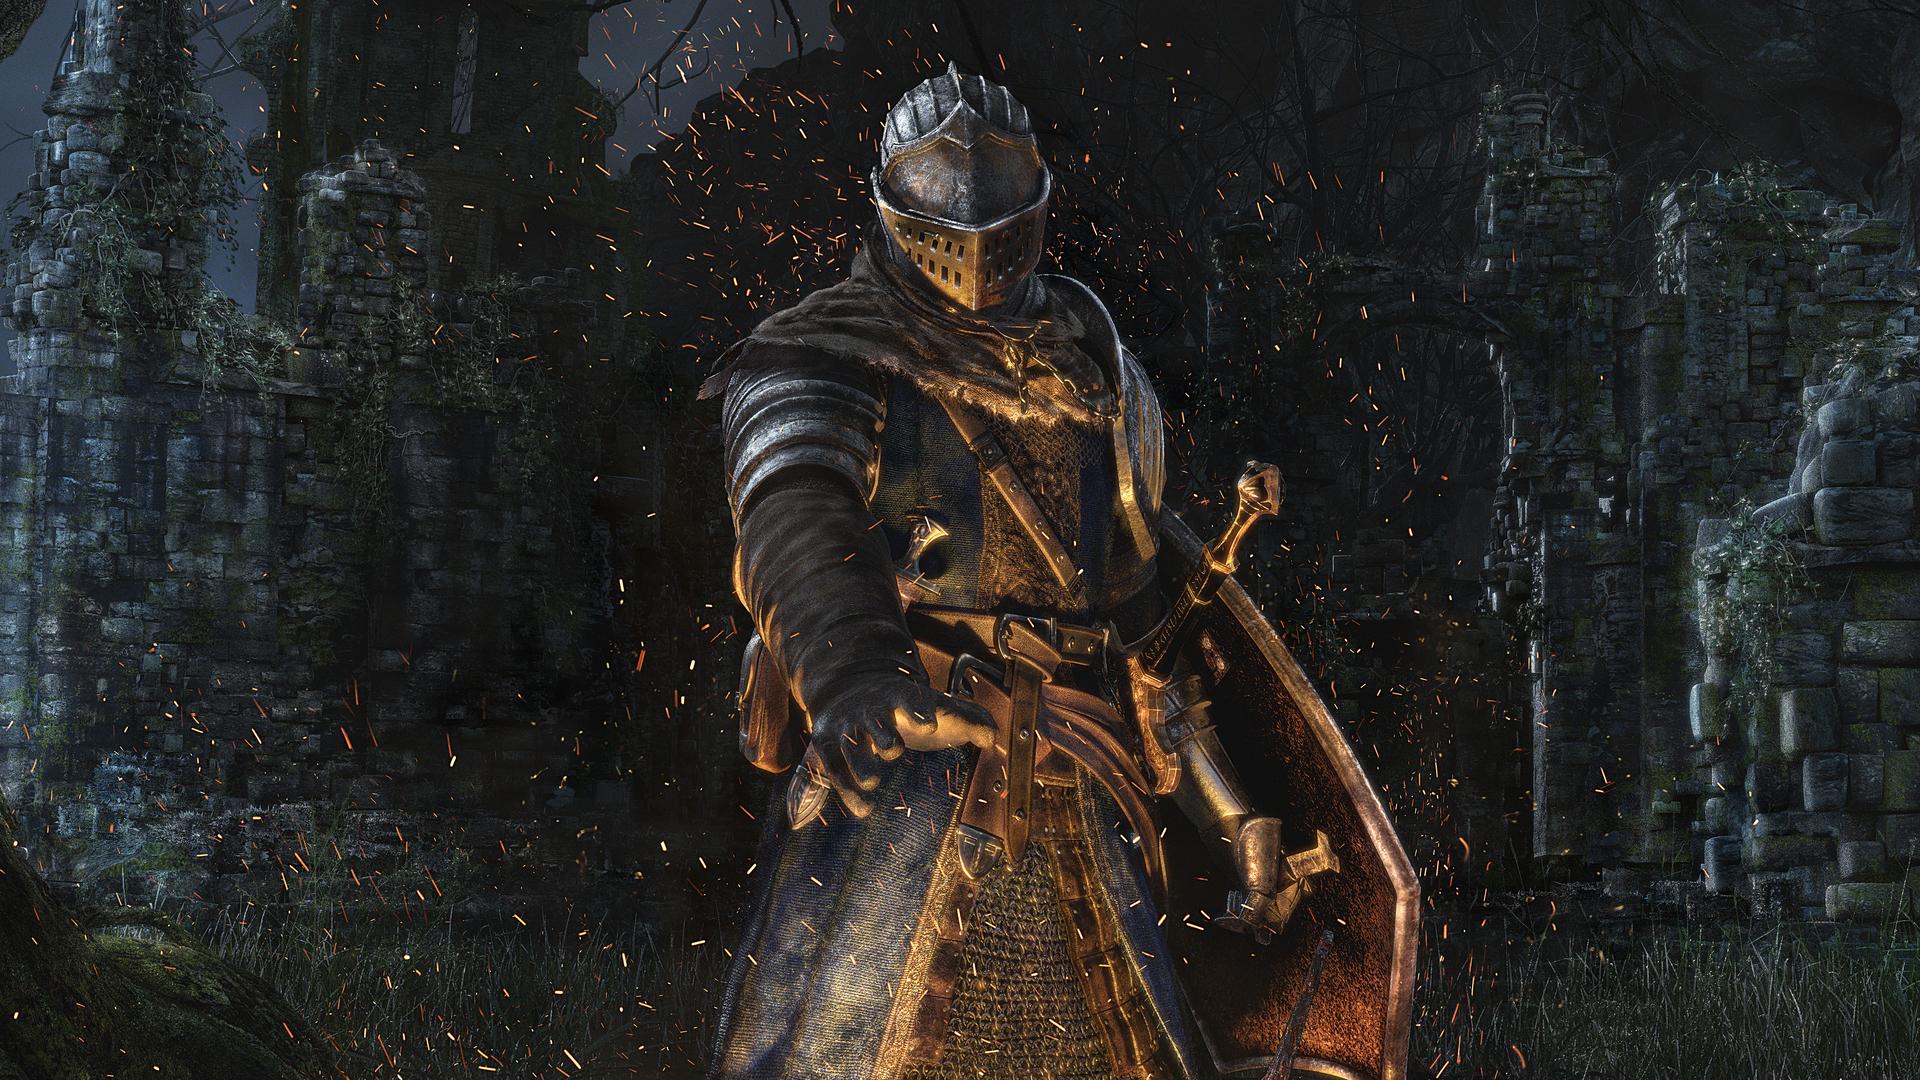 Dark Souls Wallpaper Top 5 Souls-Like